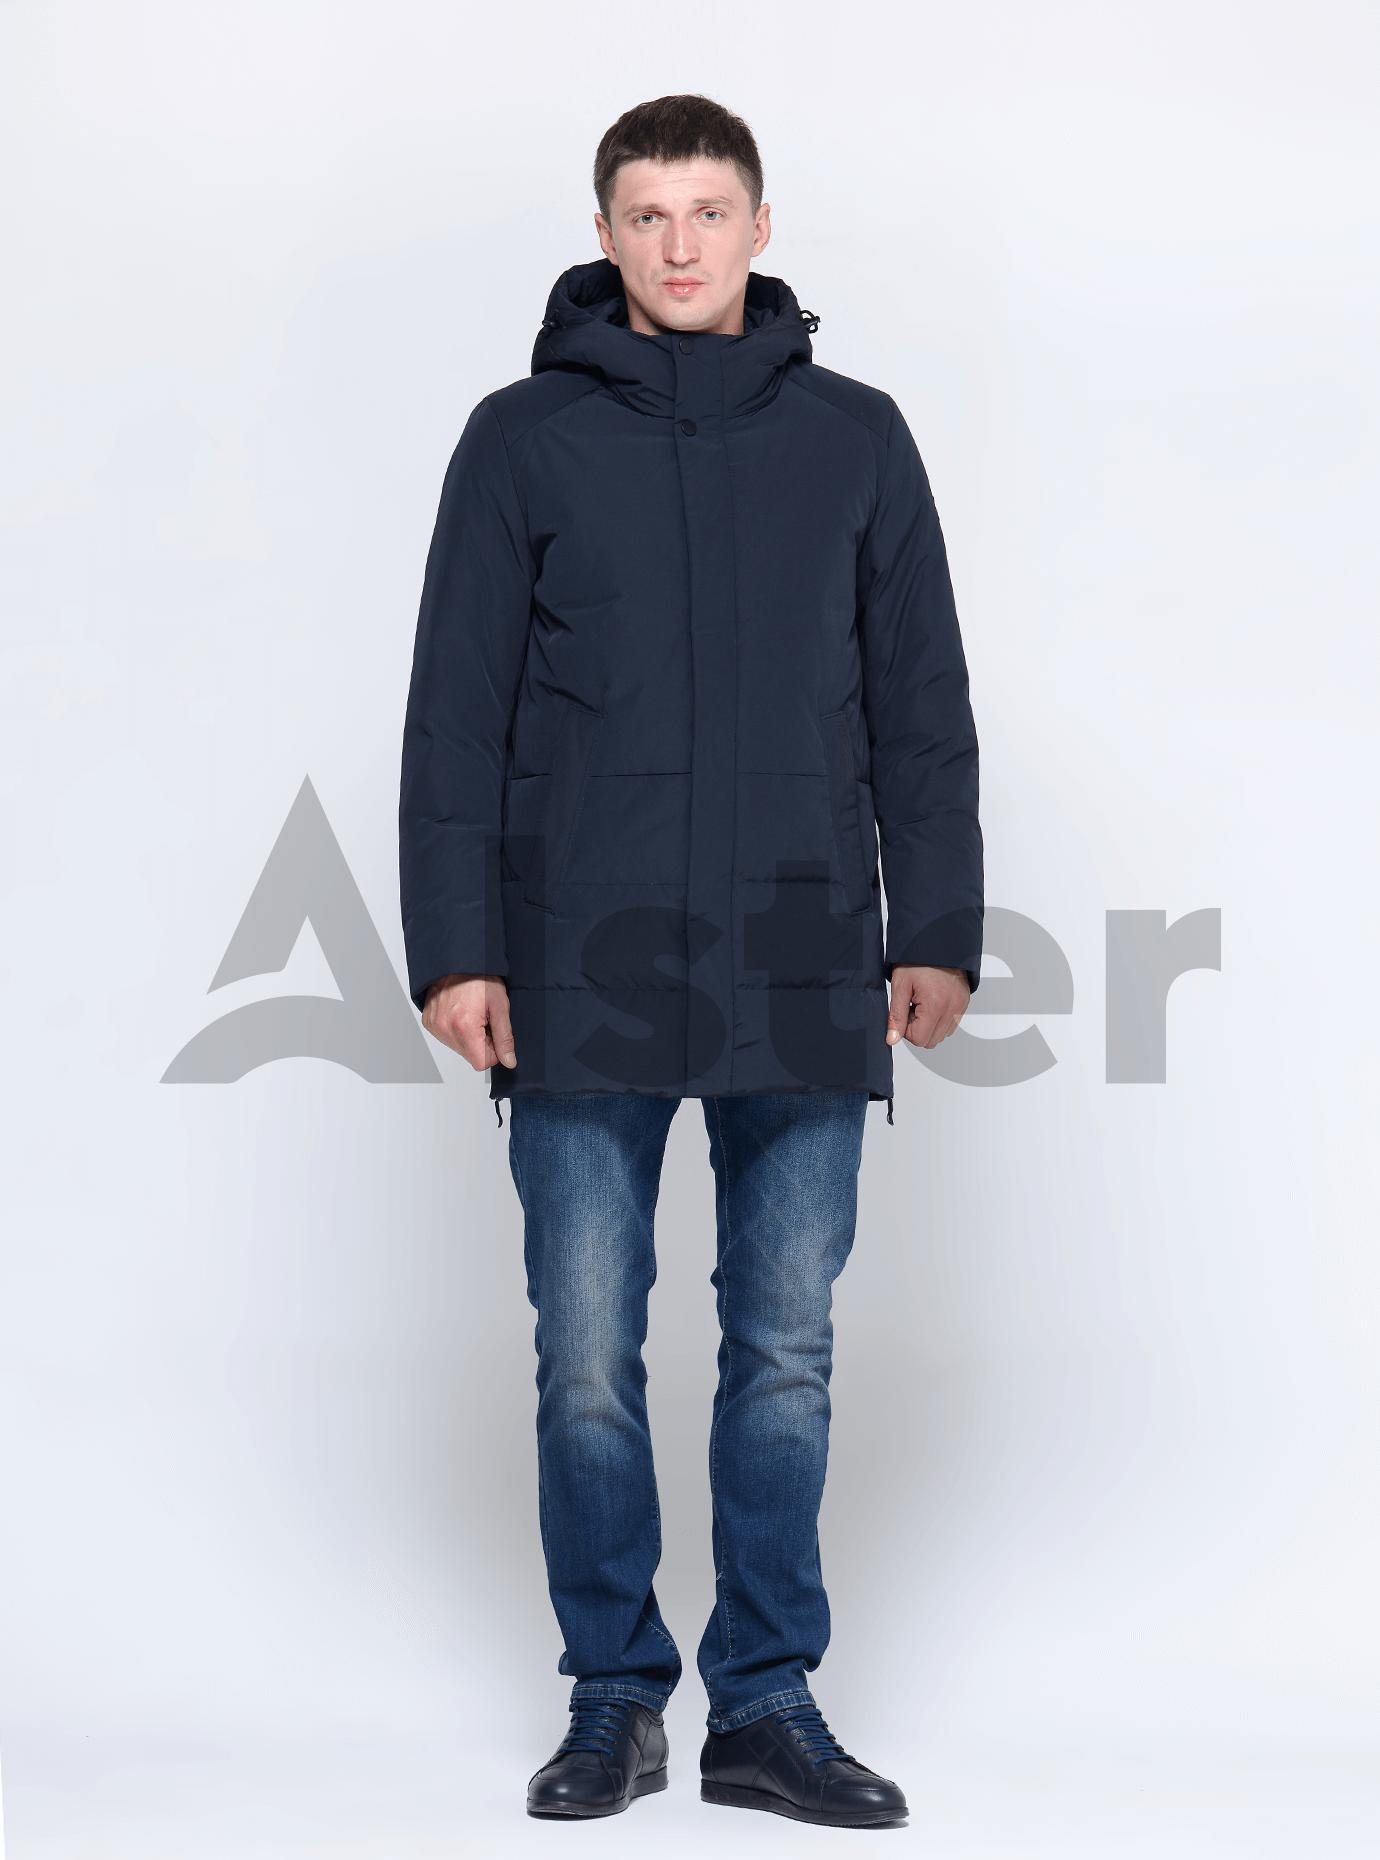 Зимняя мужская куртка Чёрный 46 (02-MC19230): фото - Alster.ua